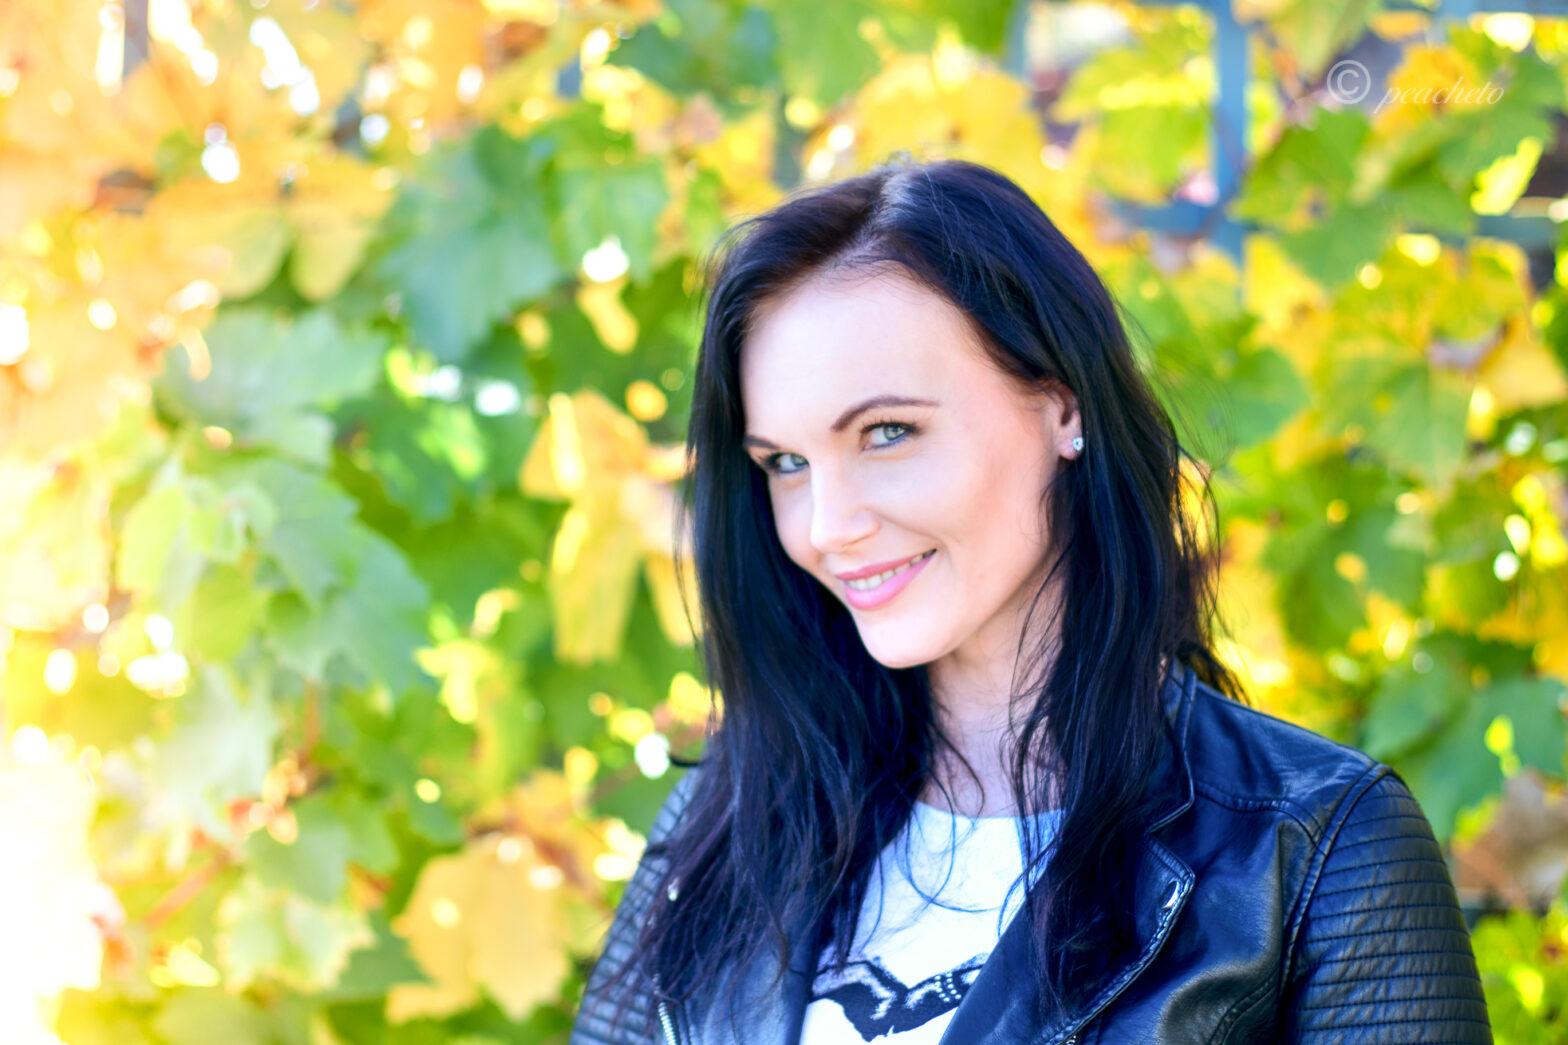 Yvonne Schloß Wackerbarth Radebeul Herbst tfp outdoor